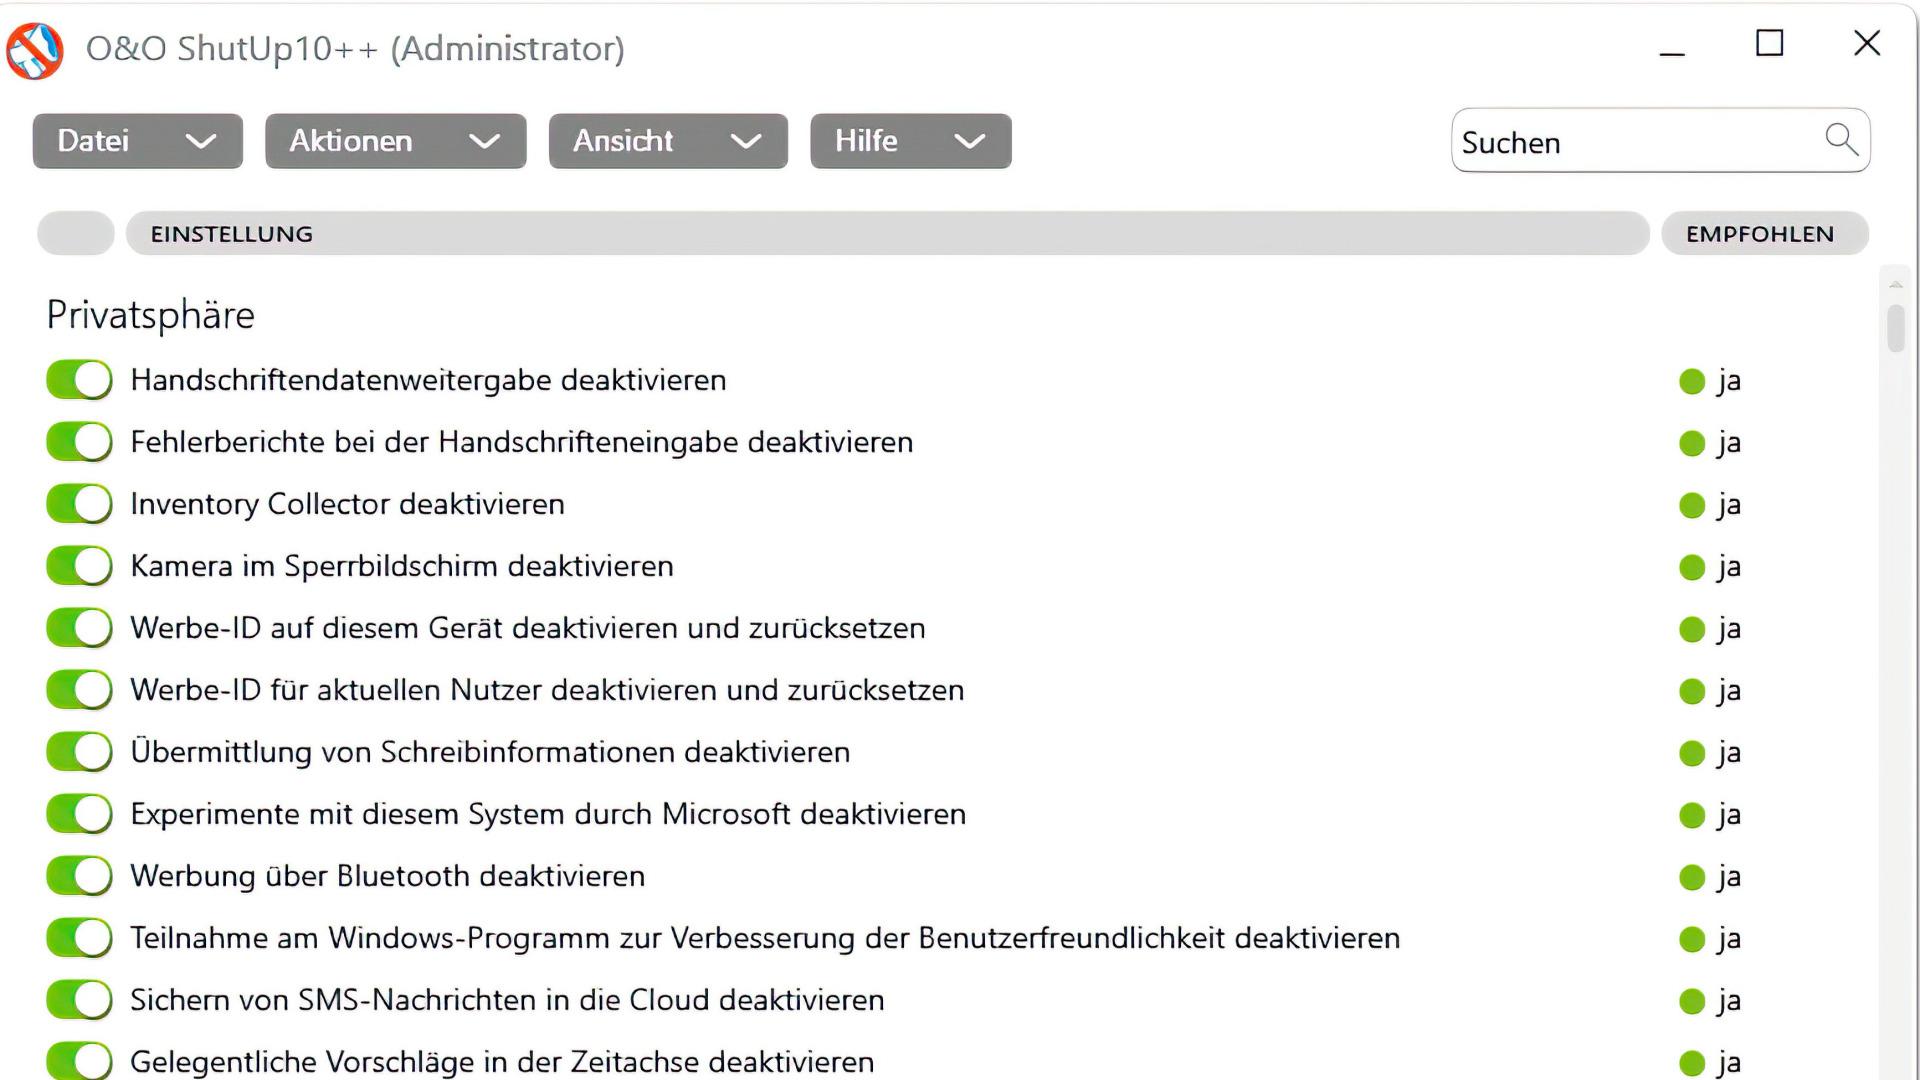 Windows 10, Antispy, O&O Software, O&O ShutUp10